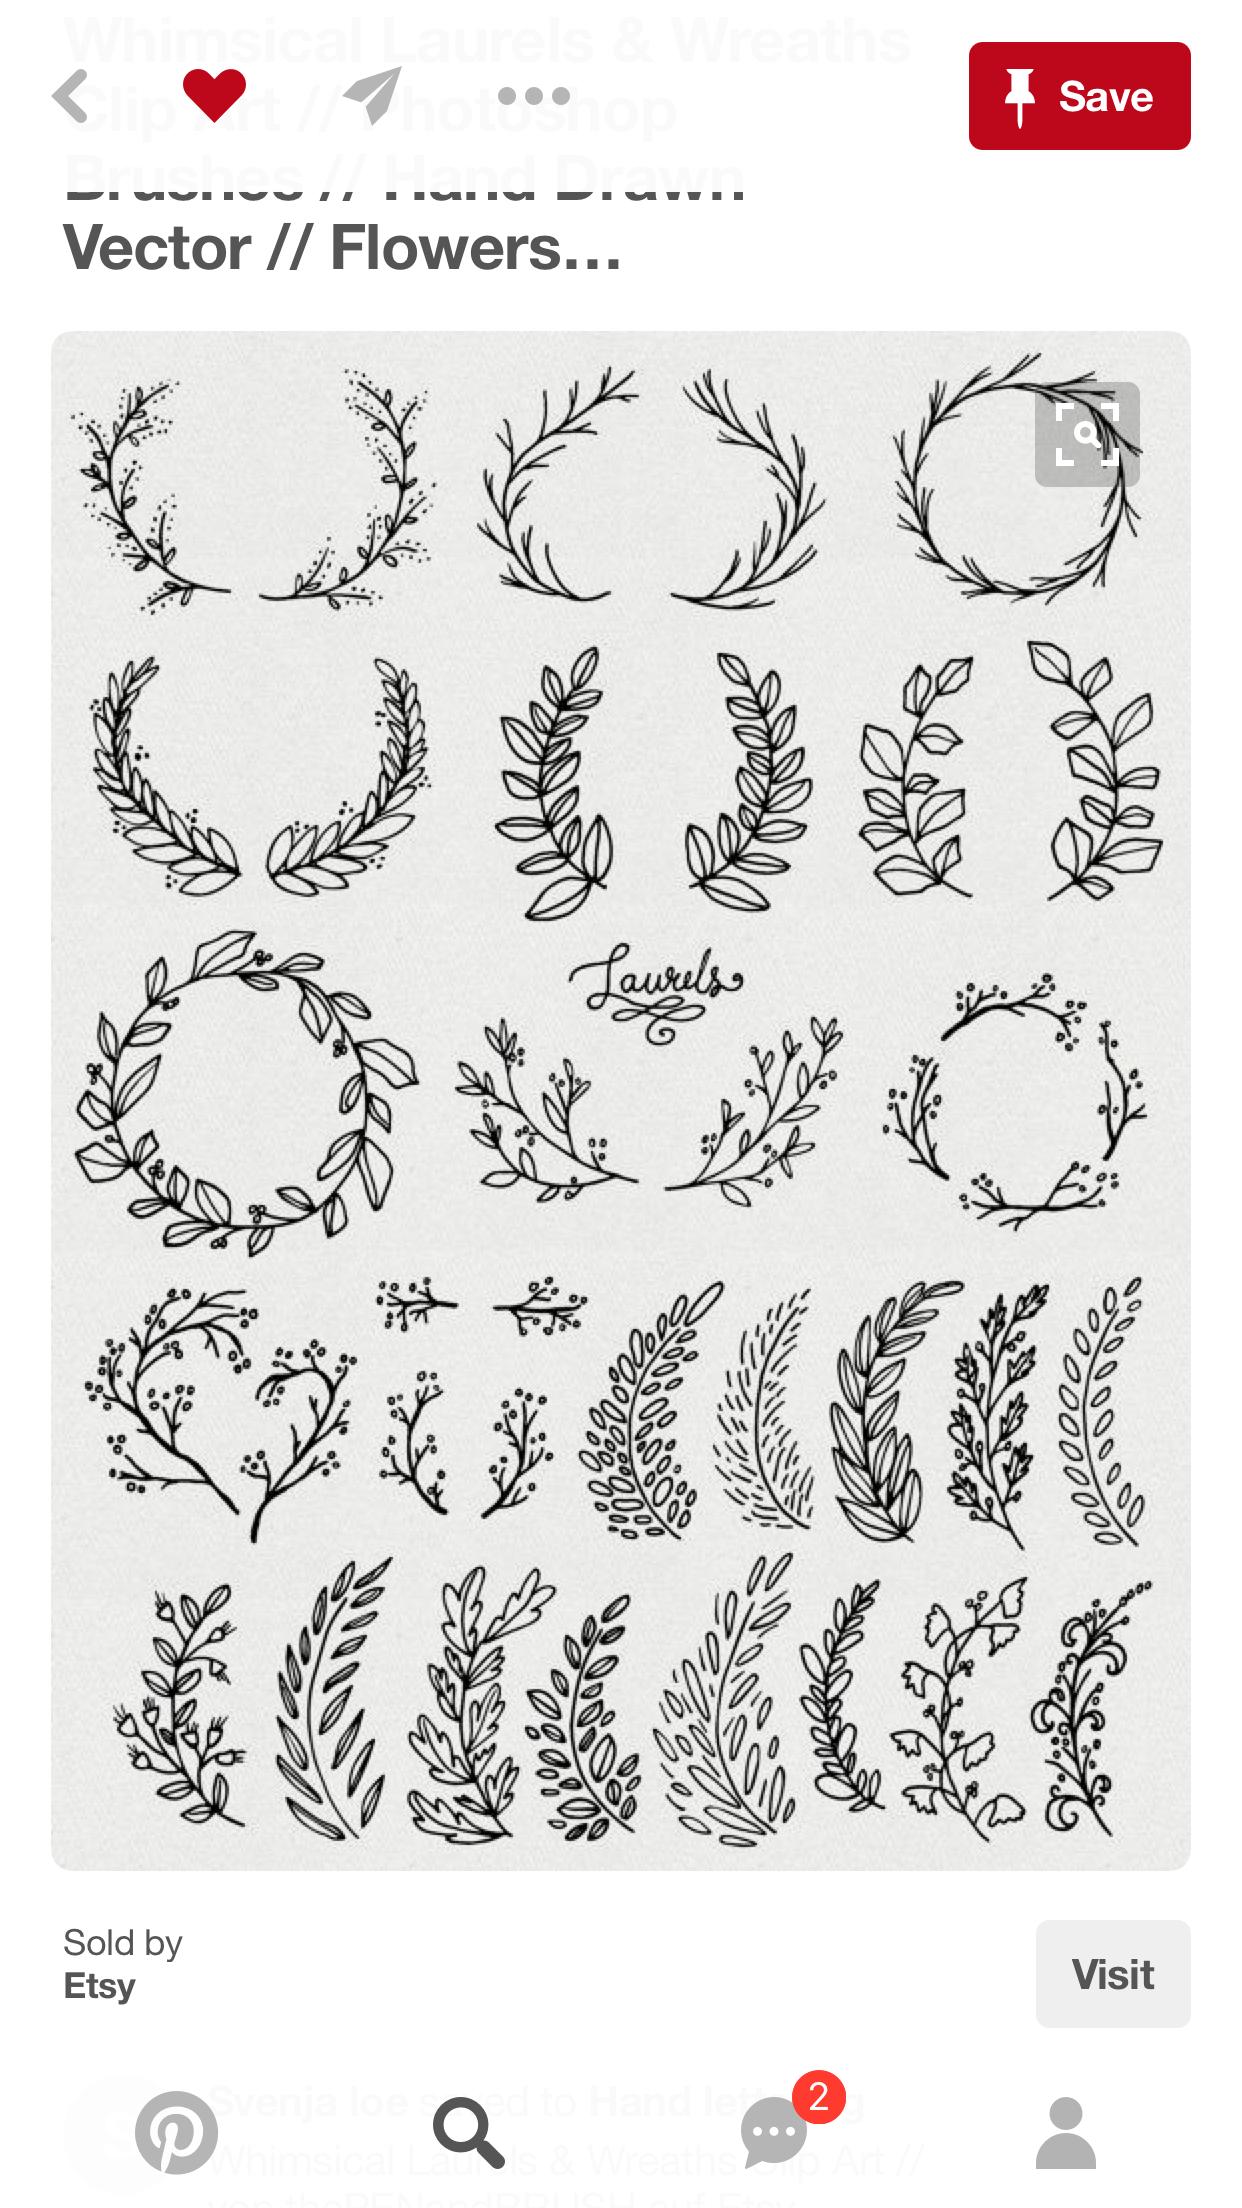 Pin von Kylee Morain auf Tattoo ideas | Pinterest | Entwurf ...